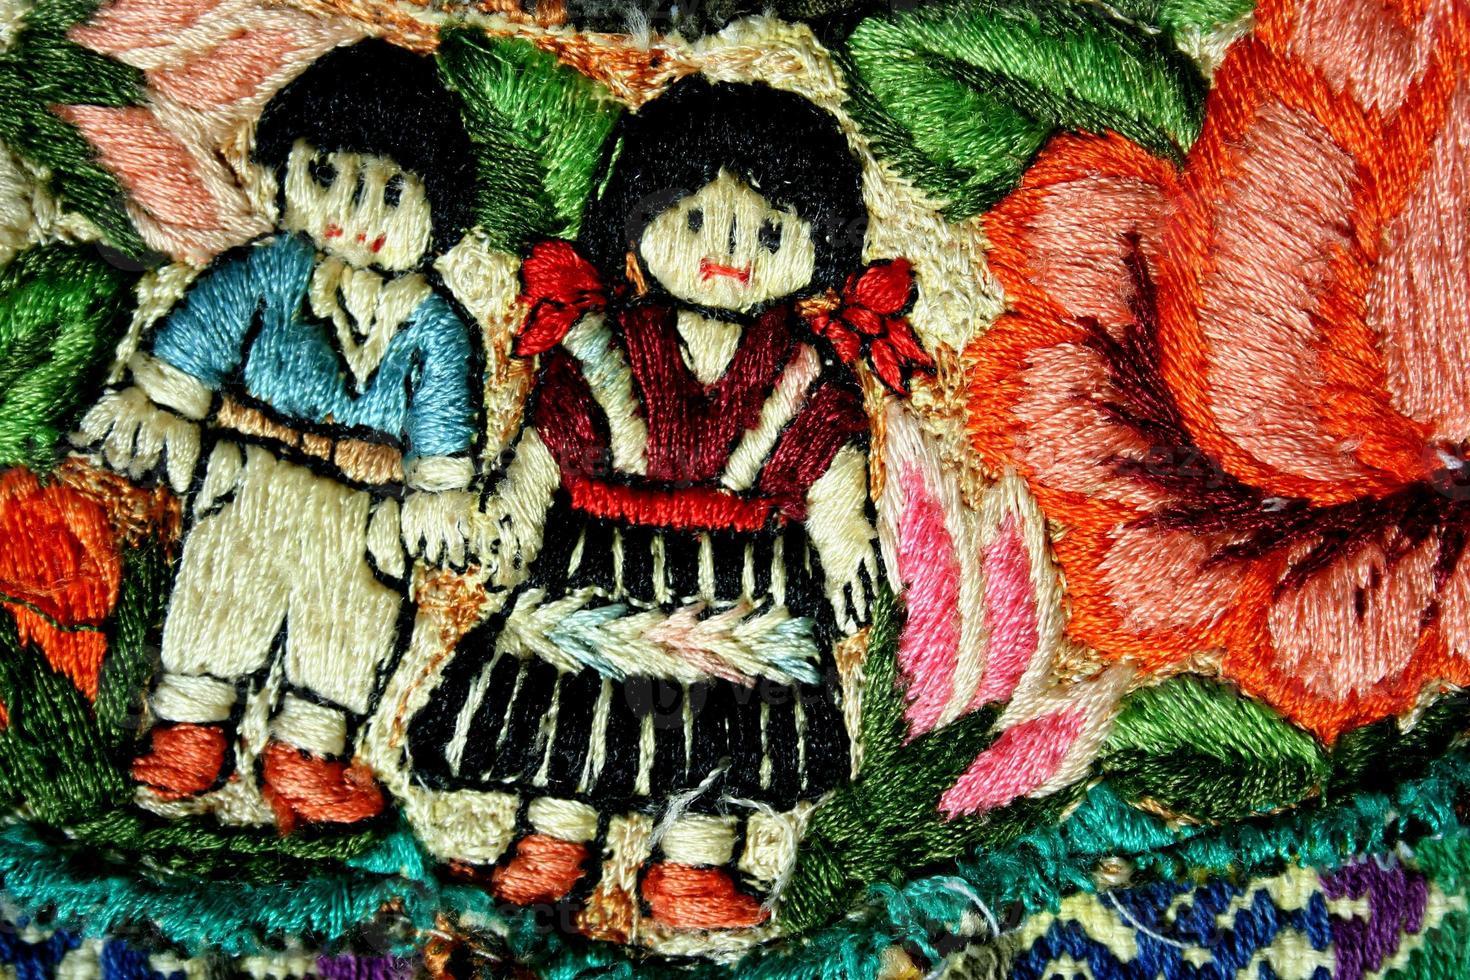 guatemaltekische Figuren foto